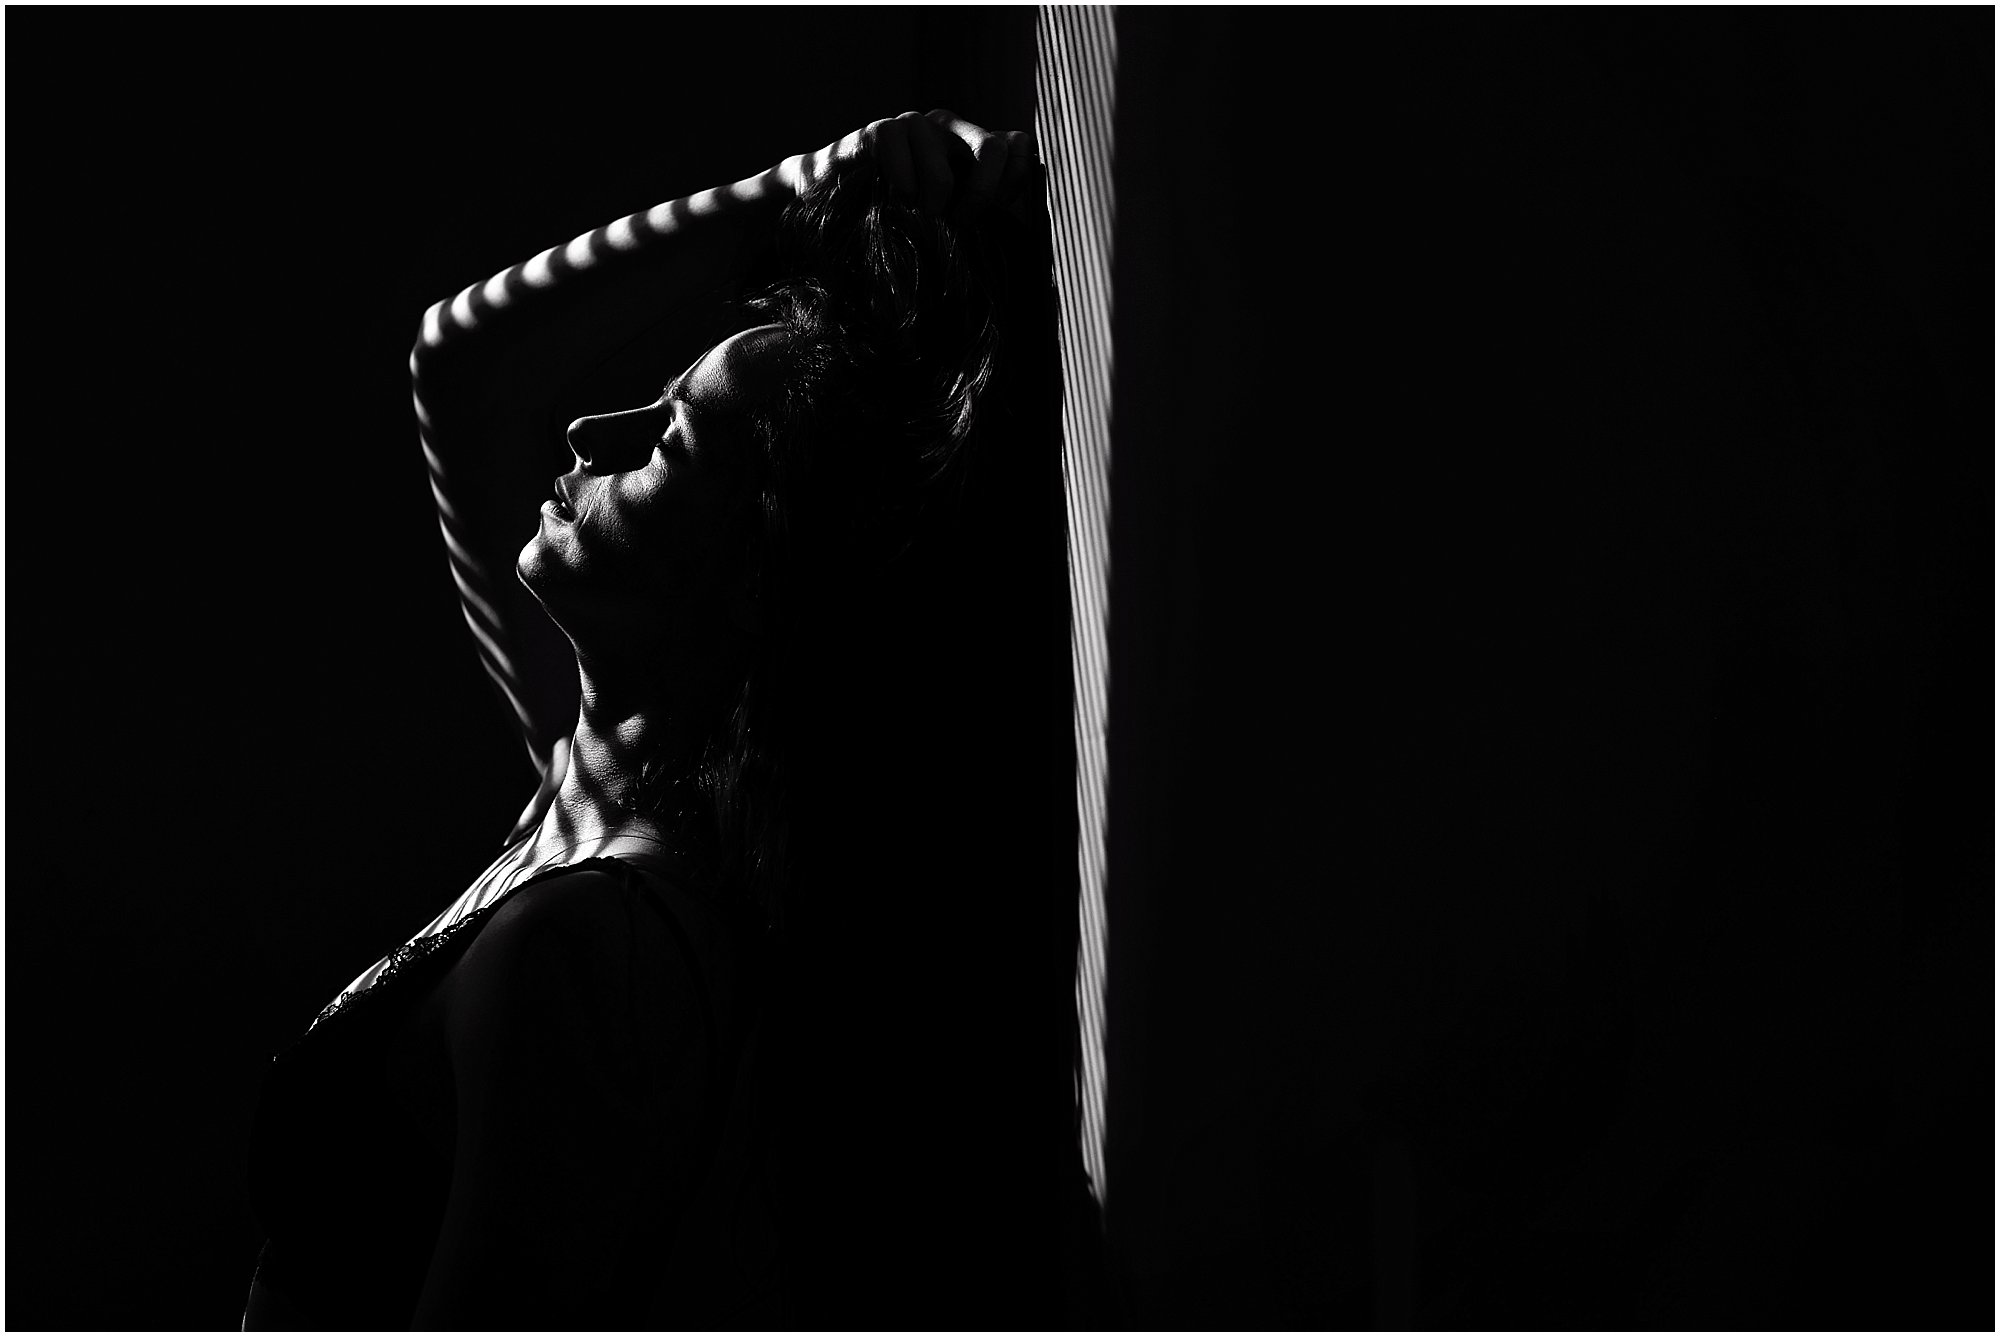 RUUDC Fotografie: Boudoir fotograaf Limburg, boudoir, bridal boudoir, boudoirshoot, boudoirshoot Nederland, boudoir limburg, boudoir shoot Nederland boudoir fotoshoot, boudoir foto, boudoir fotografie, fotoshoot boudoir, lingerieshoot, fotoshoot lingerie, boudoir sessie, boudoir fotograaf, limburg, roermond, maastricht, heerlen, kerkrade, venlo, weert, sittard, geleen